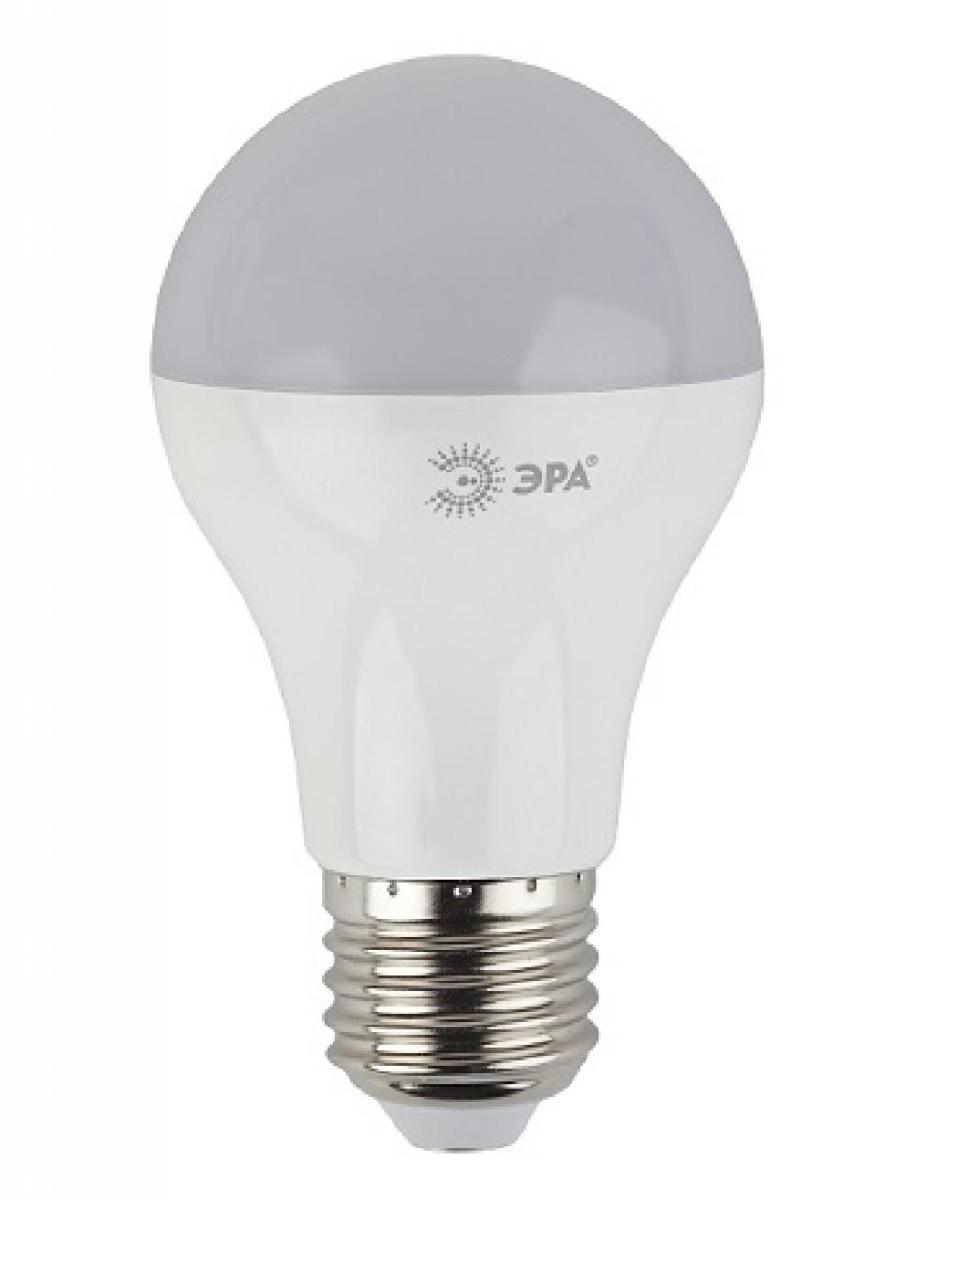 Лампа светодиодная ЭРА, цоколь E27, 170-265V, 8W, 2700КC0027378Светодиодная лампа ЭРА является самым перспективным источником света. Основным преимуществом данного источника света является длительный срок службы и очень низкое энергопотребление, так, например, по сравнению с обычной лампой накаливания светодиодная лампа служит в среднем в 50 раз дольше и потребляет в 10-15 раз меньше электроэнергии. При этом светодиодная лампа практически не подвержена механическому воздействию из-за прочной конструкции и позволяет получить любой цвет светового потока, что, несомненно, расширяет возможности применения и позволяет создавать новые решения в области освещения.Особенности серии A60:Лампочки лучшие в соотношении цена-качествоПредставлена широкая линейка, наличие всех типов цоколей ламп бытового сегментаСветовая отдача - 90-100 лм/ВтГарантия - 2 годаСовместимы с выключателями с подсветкой.